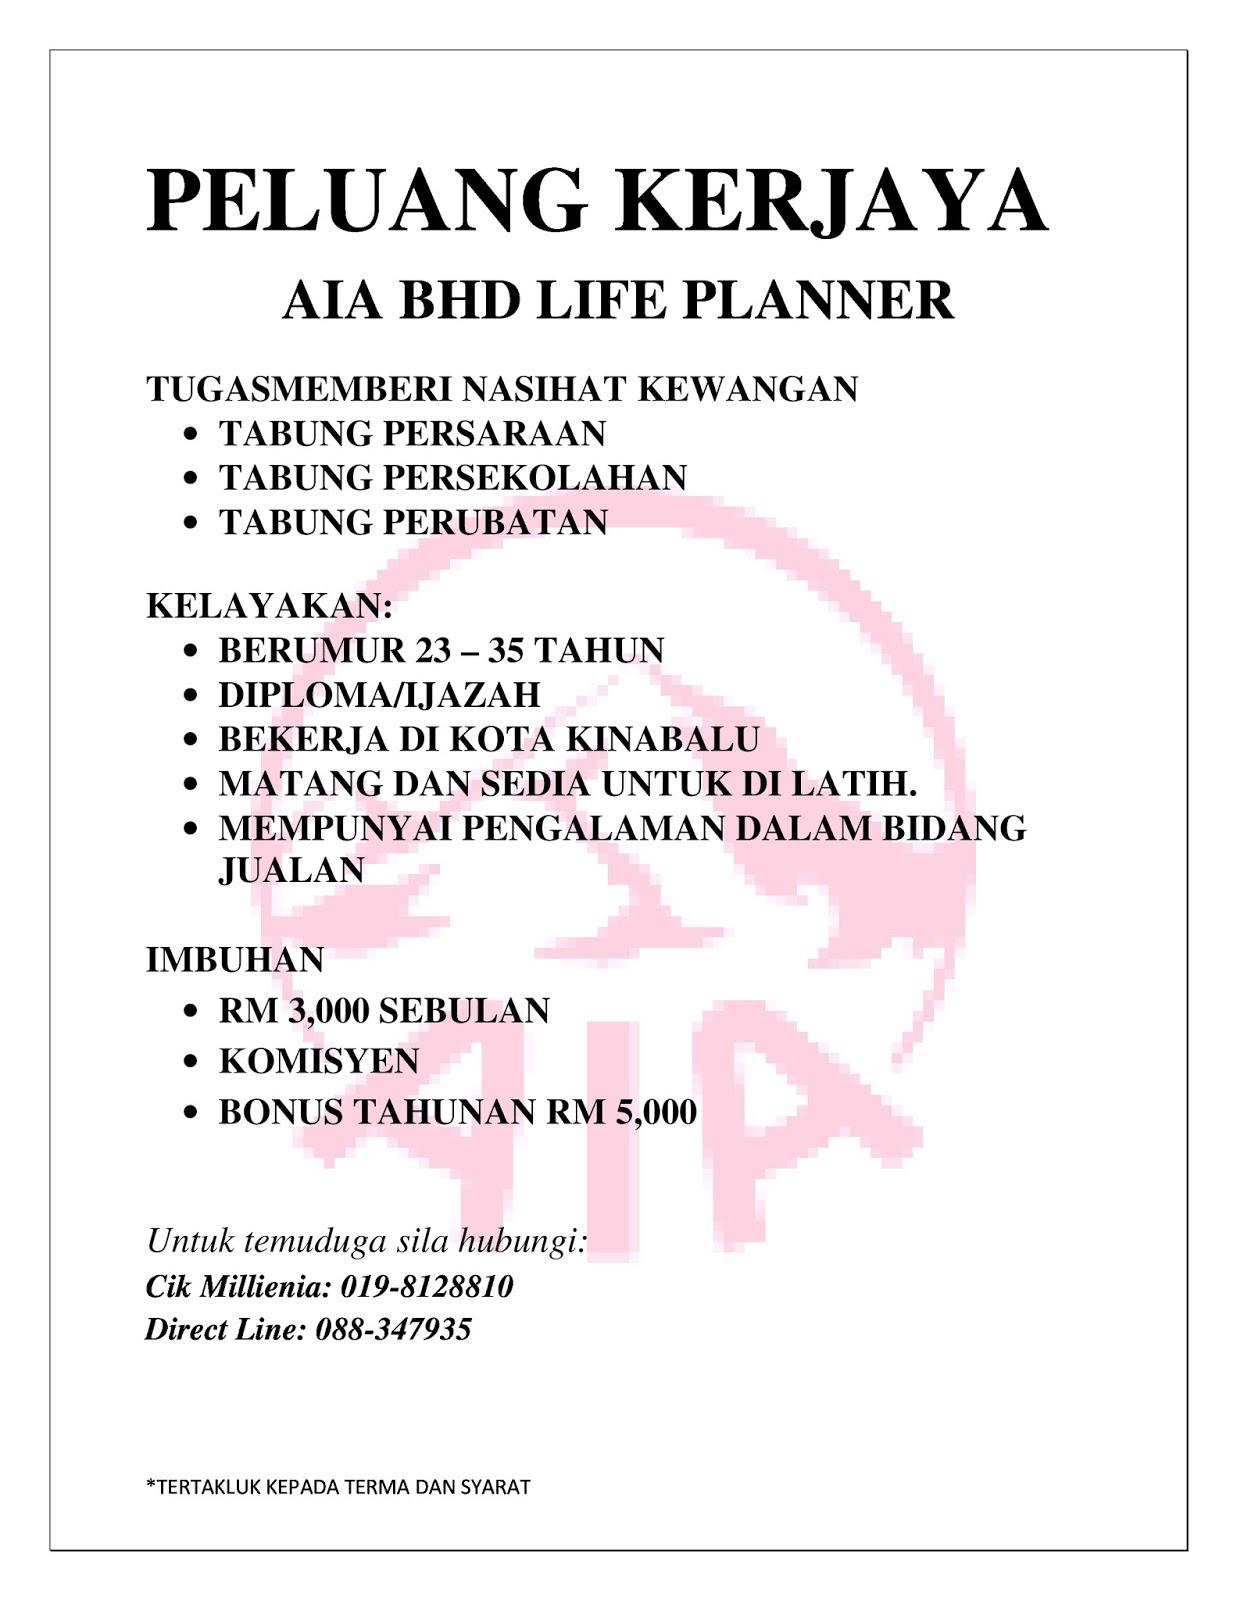 Search Tag Job id 04 lifeplannerjobs jawatan kosong sabah AIA life planner portal